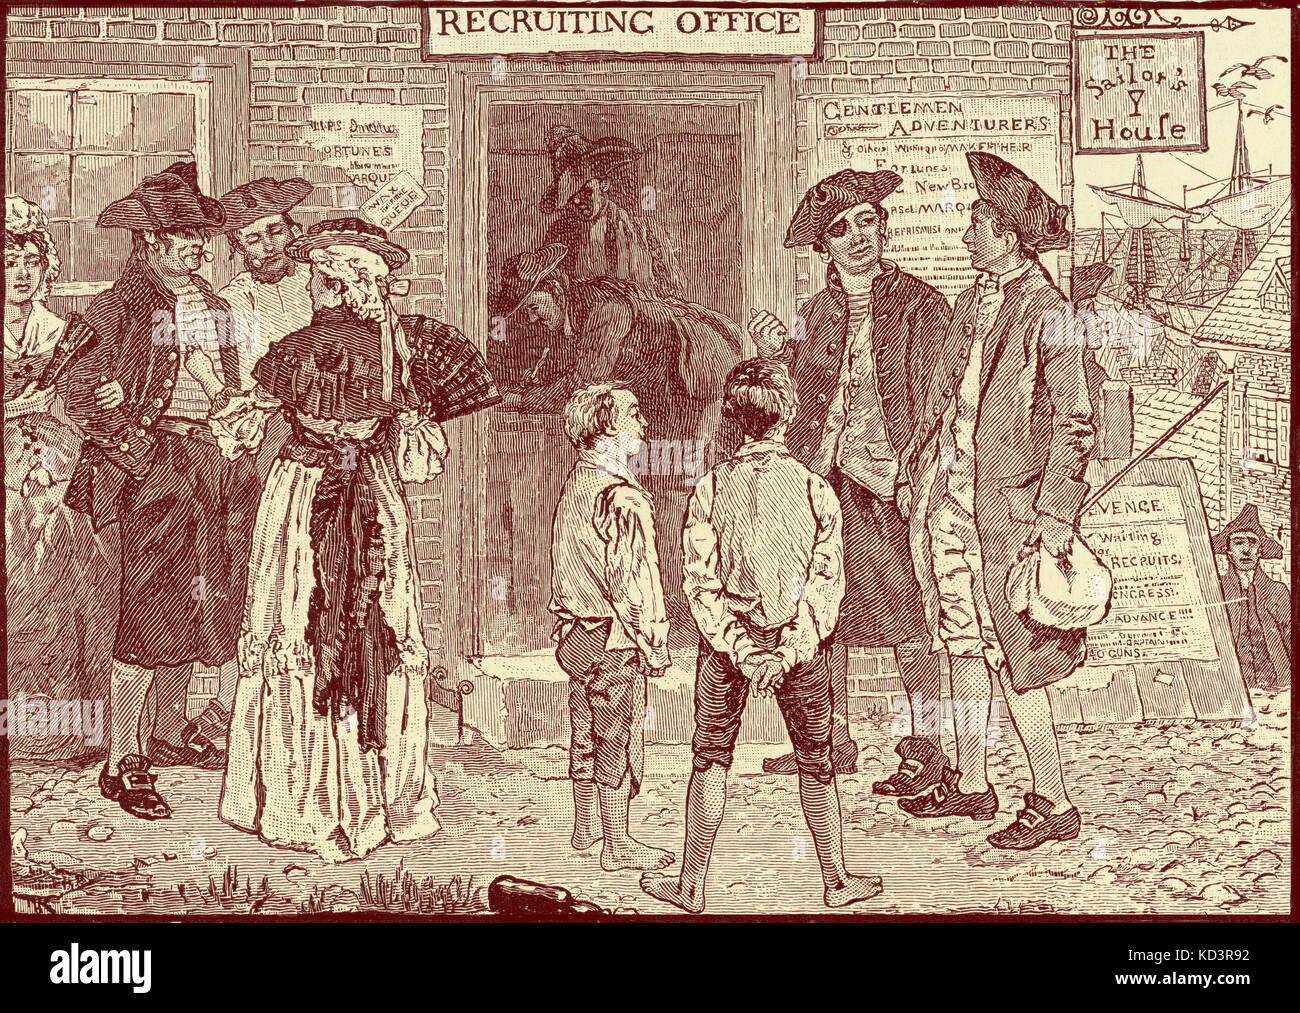 Bureau révolutionnaire de récurage pour les corsaires américains, New London, Connecticut. Révolution américaine, 1765 - 1783. Illustration de Howard Pyle, 1896 Banque D'Images